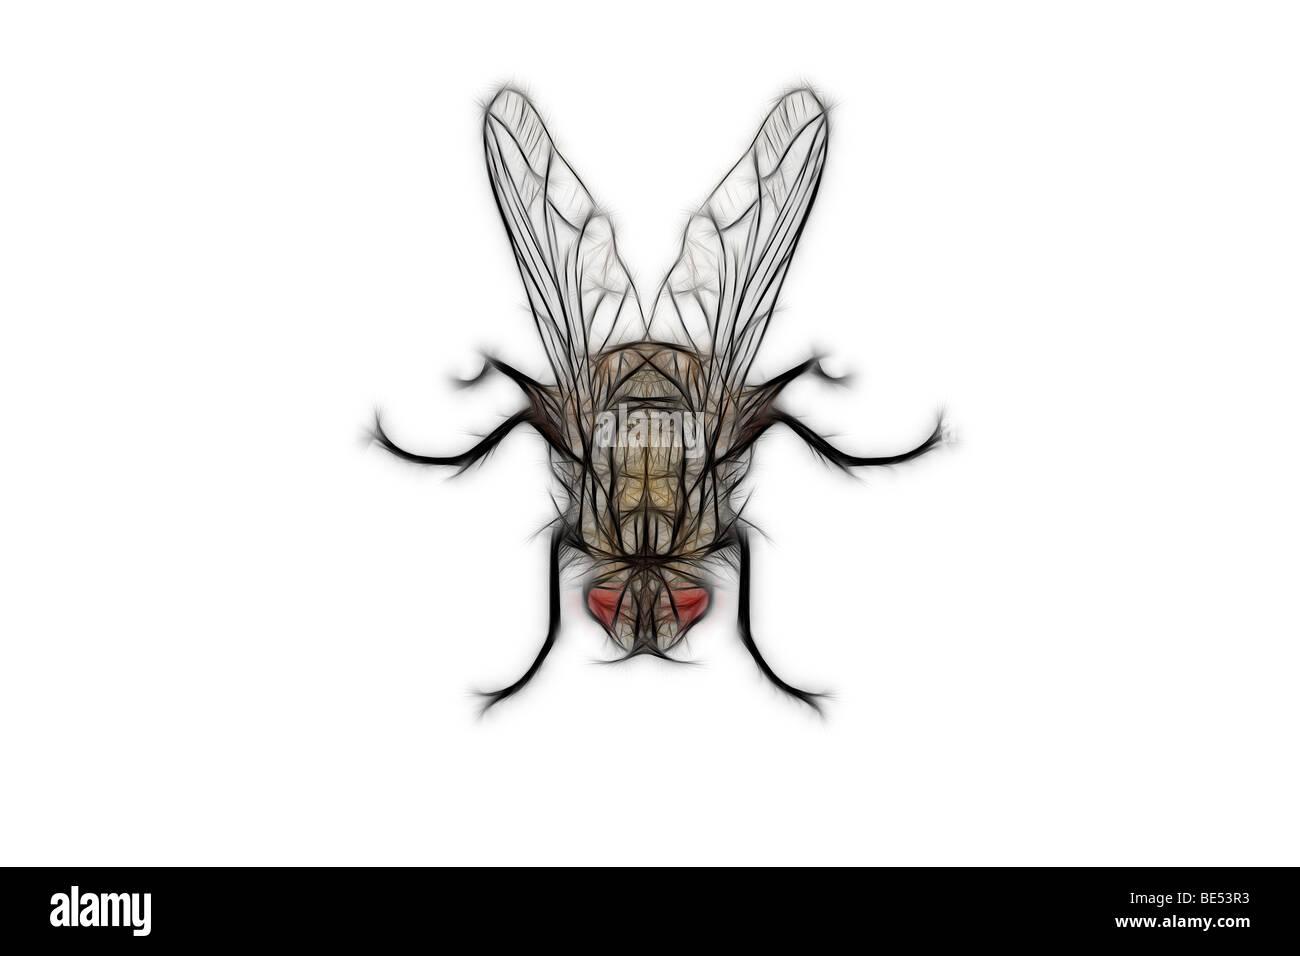 A digitally illustrated fly on a white background. Dessin assisté par ordinateur d'une mouche sur fond - Stock Image